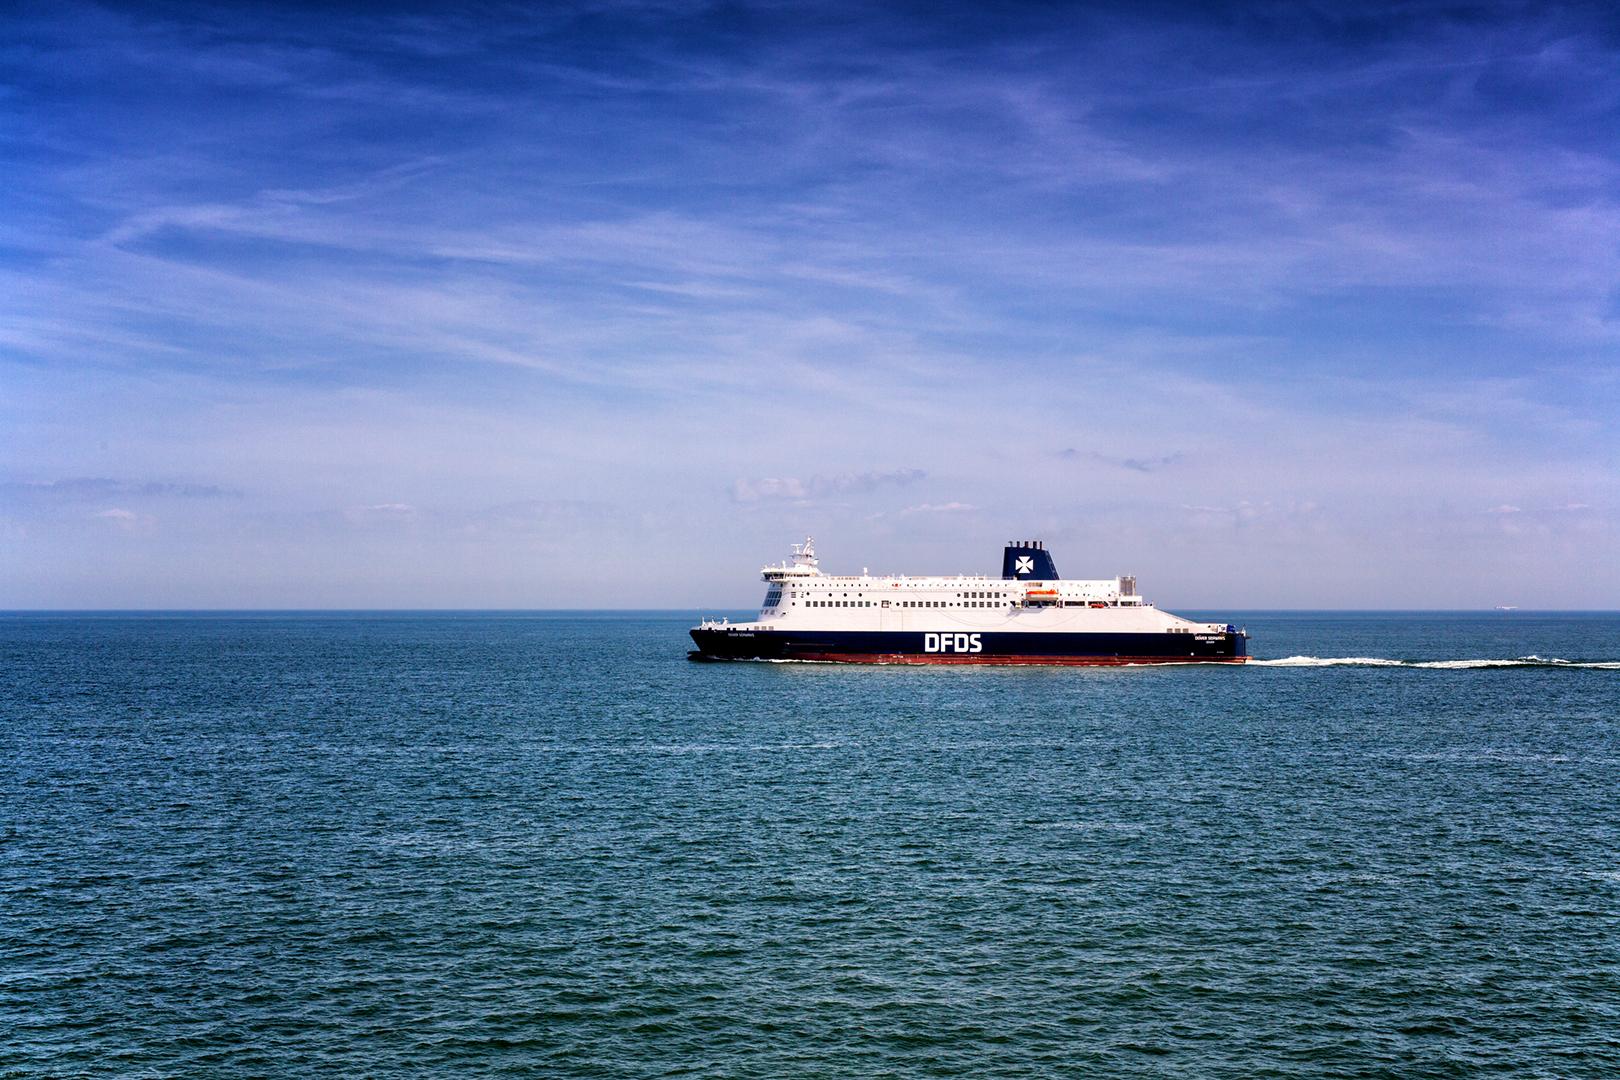 Dover_Wohnmobil_Camper_Hund_Fähre_DFDS_Erfahrungen